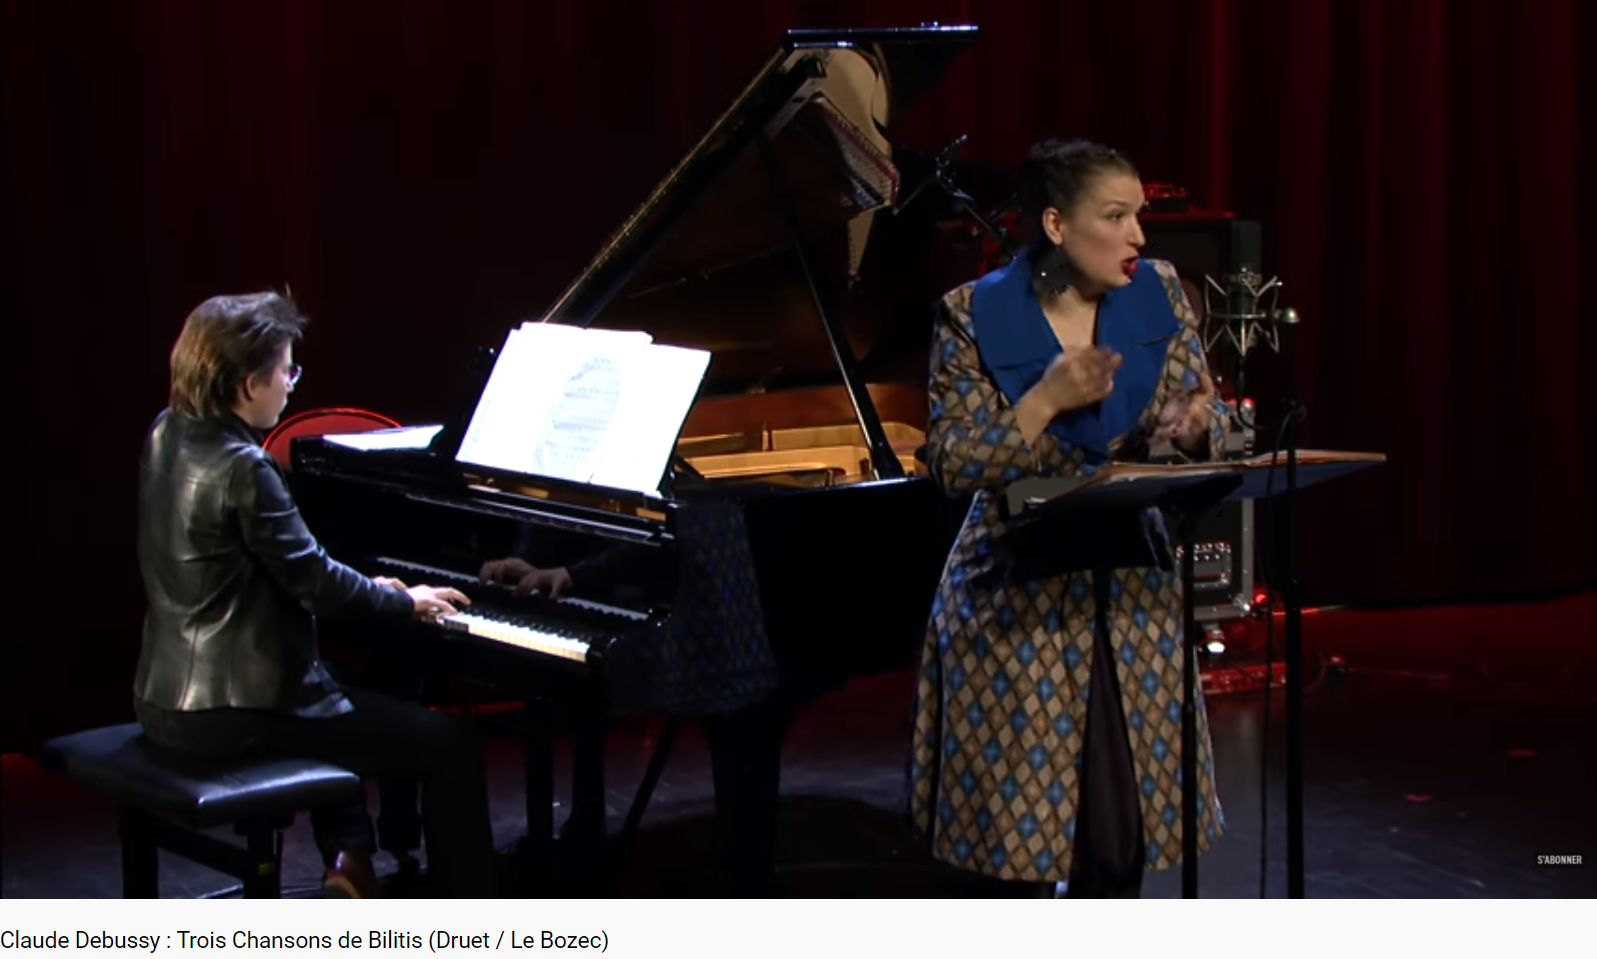 Debussy Trois chansons de Bilitis la chevelure